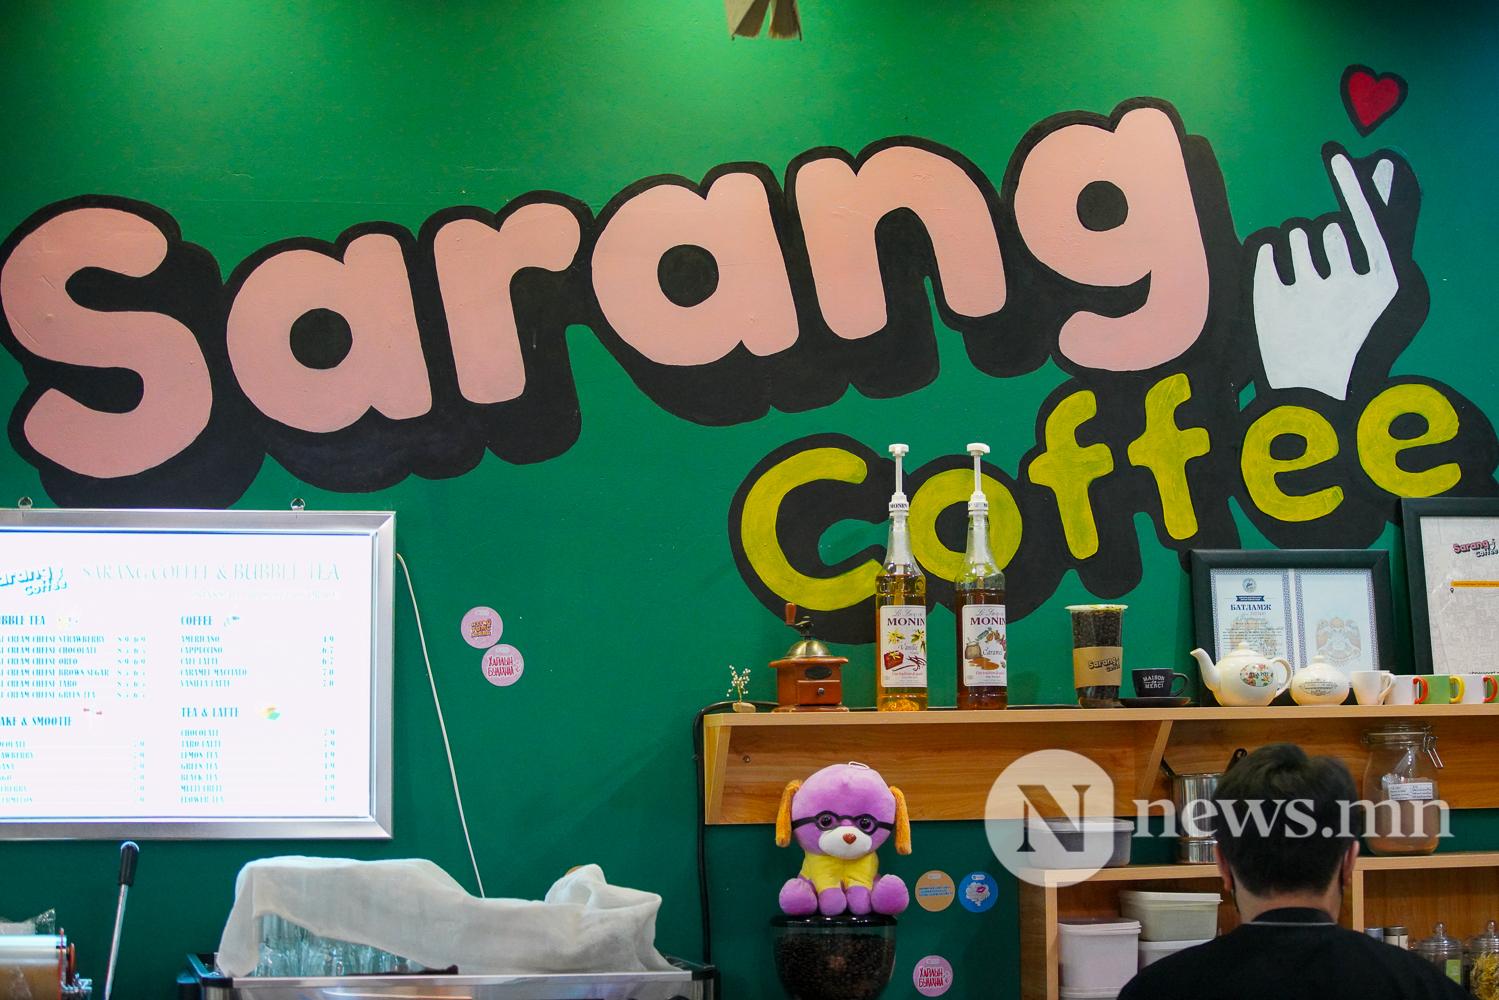 Усан бассейн кофе шоп (8 of 11)